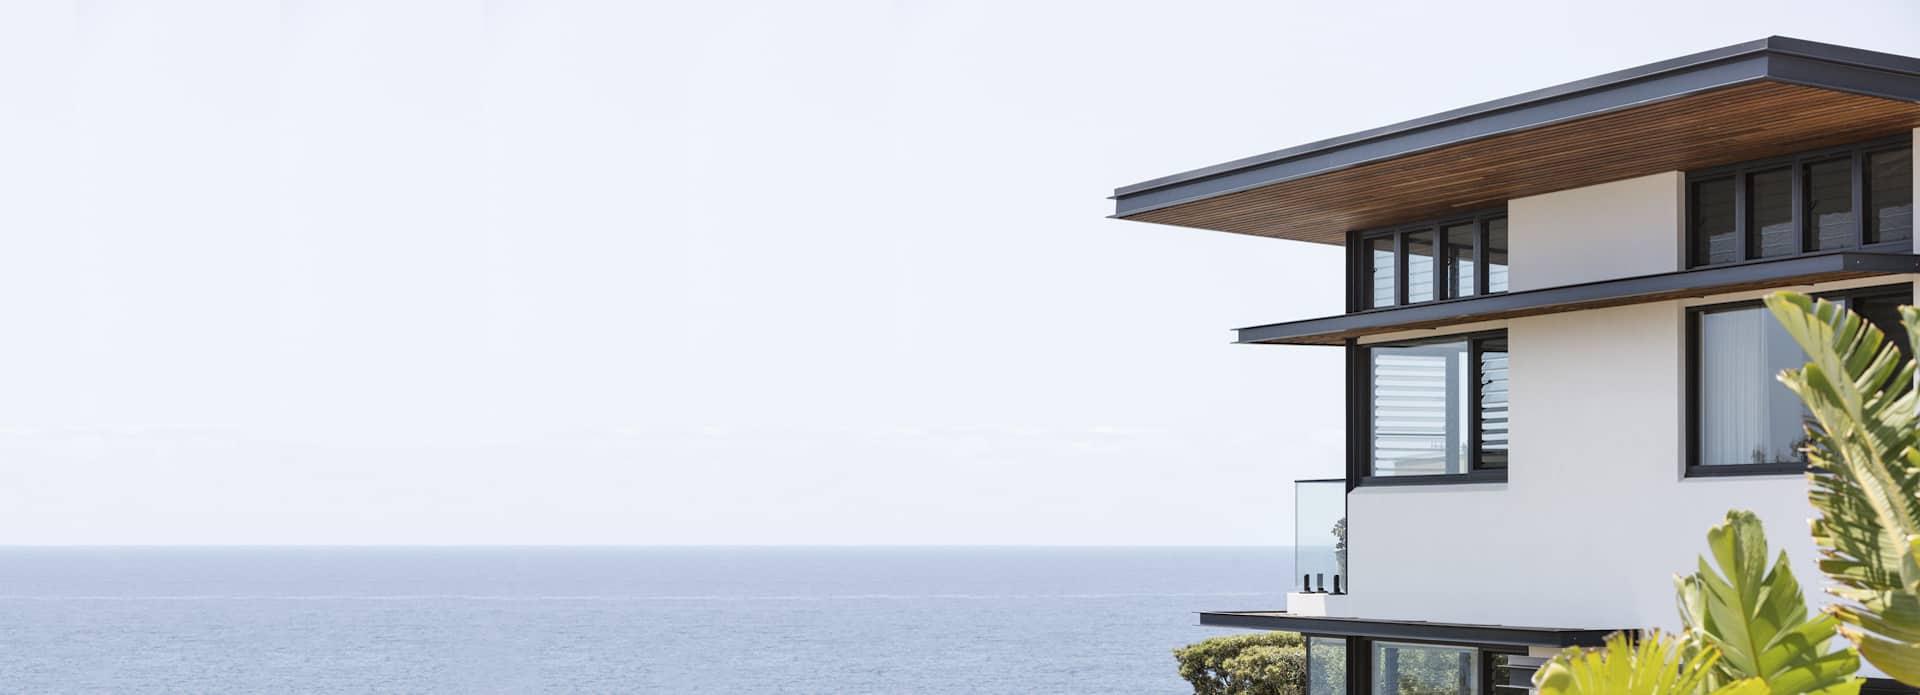 Archisoul Architects Sydney